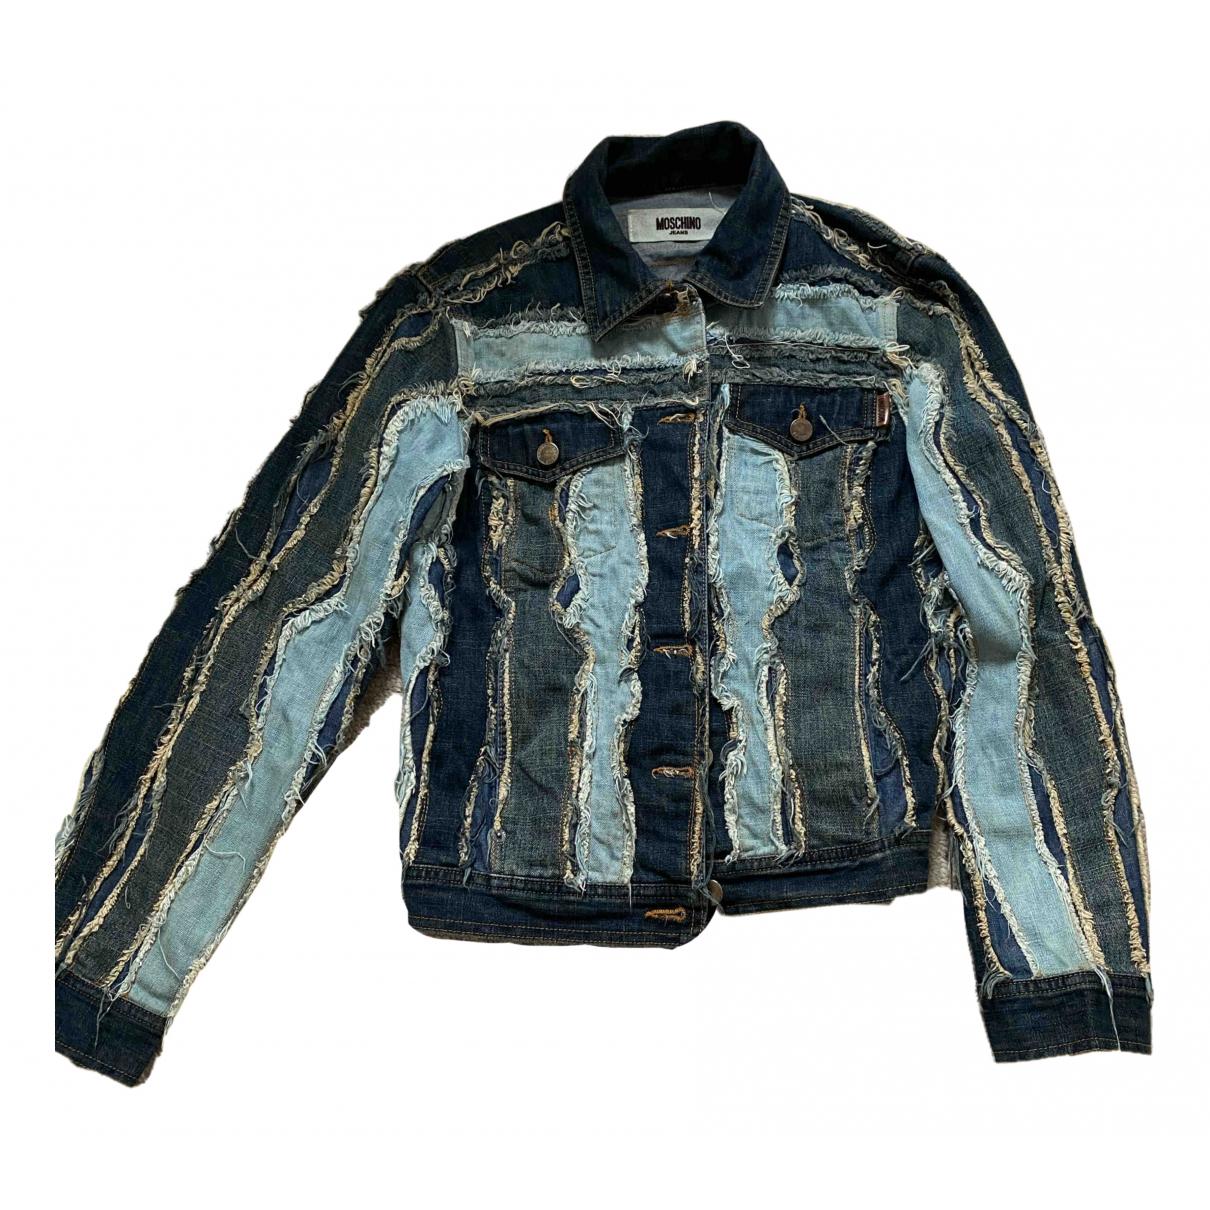 Moschino Cheap And Chic \N Jacke in  Blau Denim - Jeans